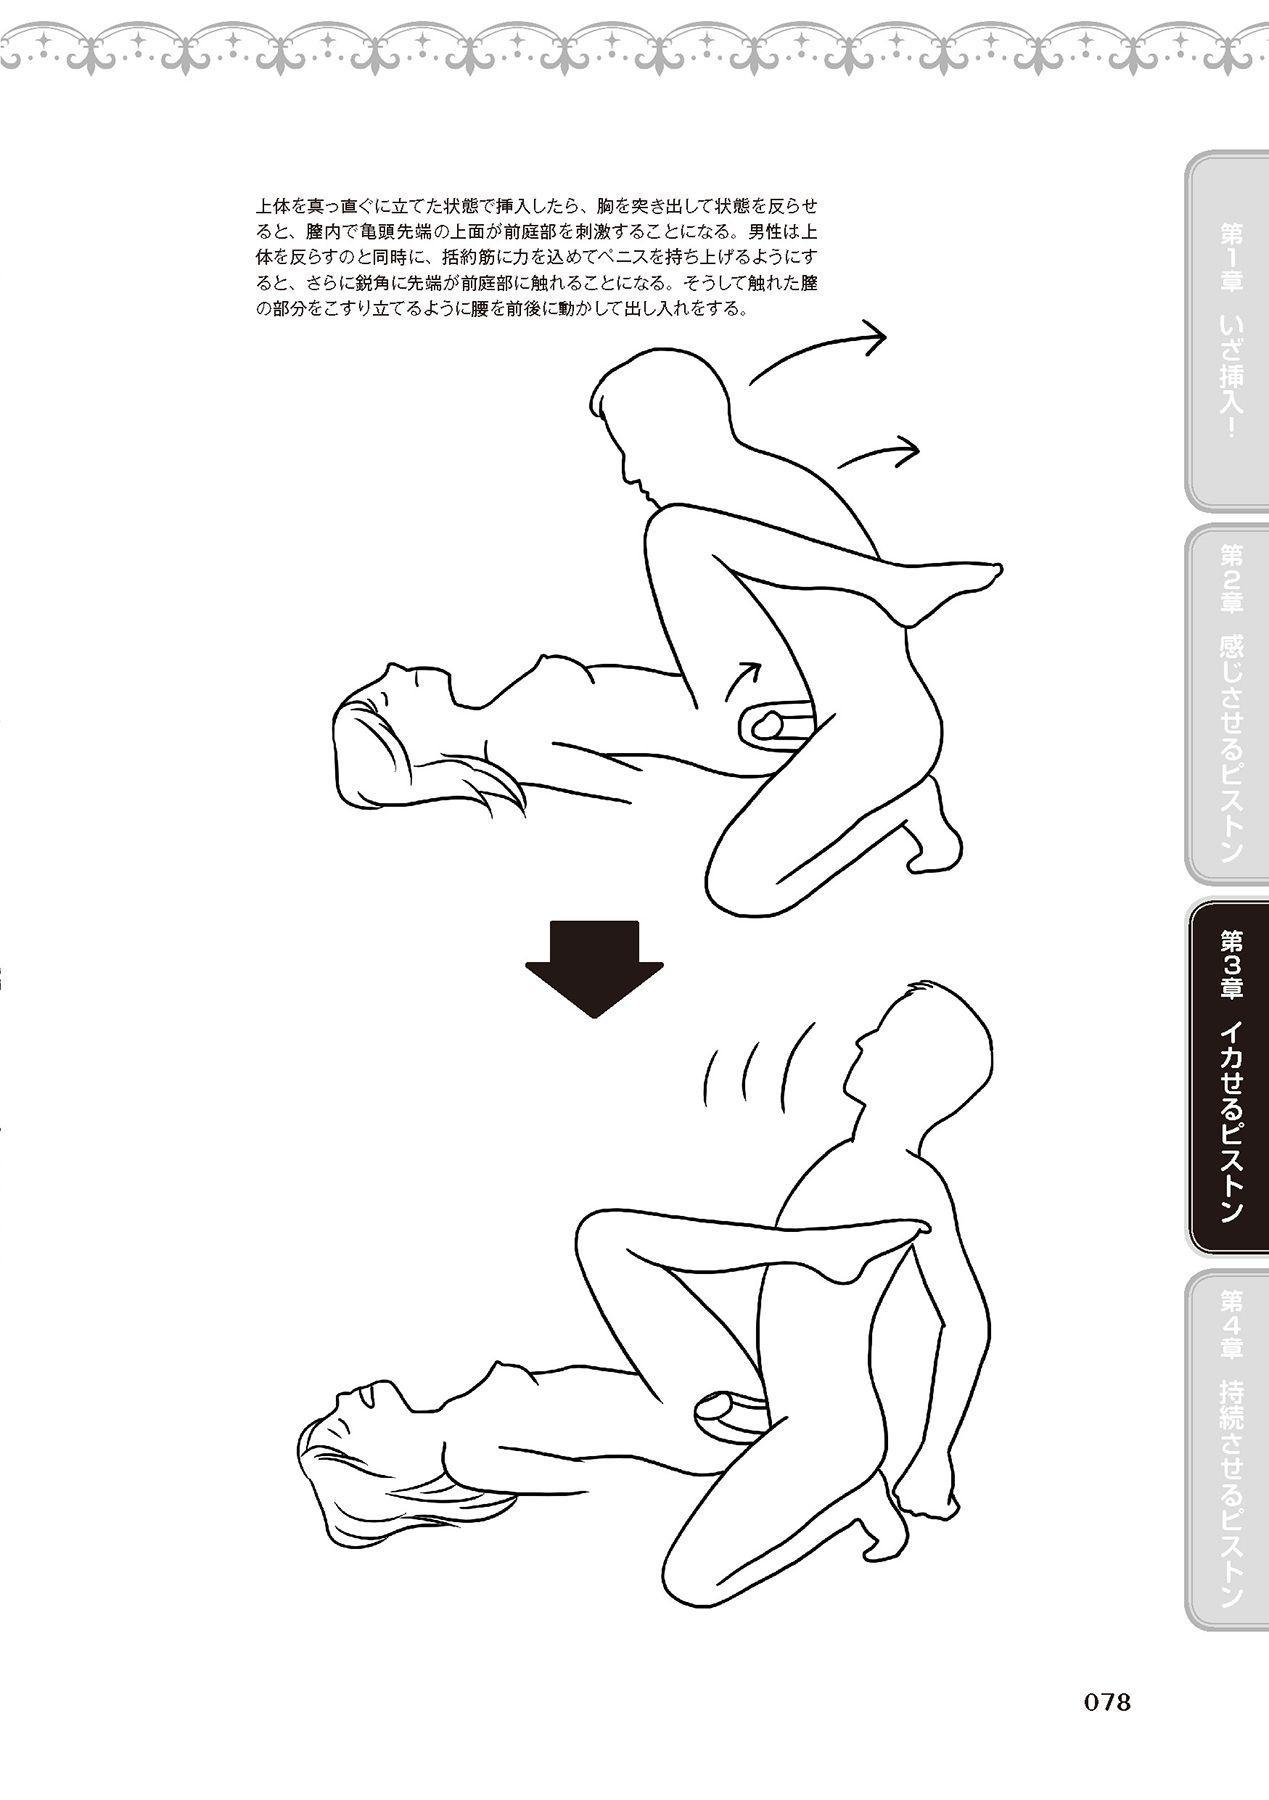 膣挿入&ピストン運動完全マニュアル イラスト版……ピスとんッ! 79